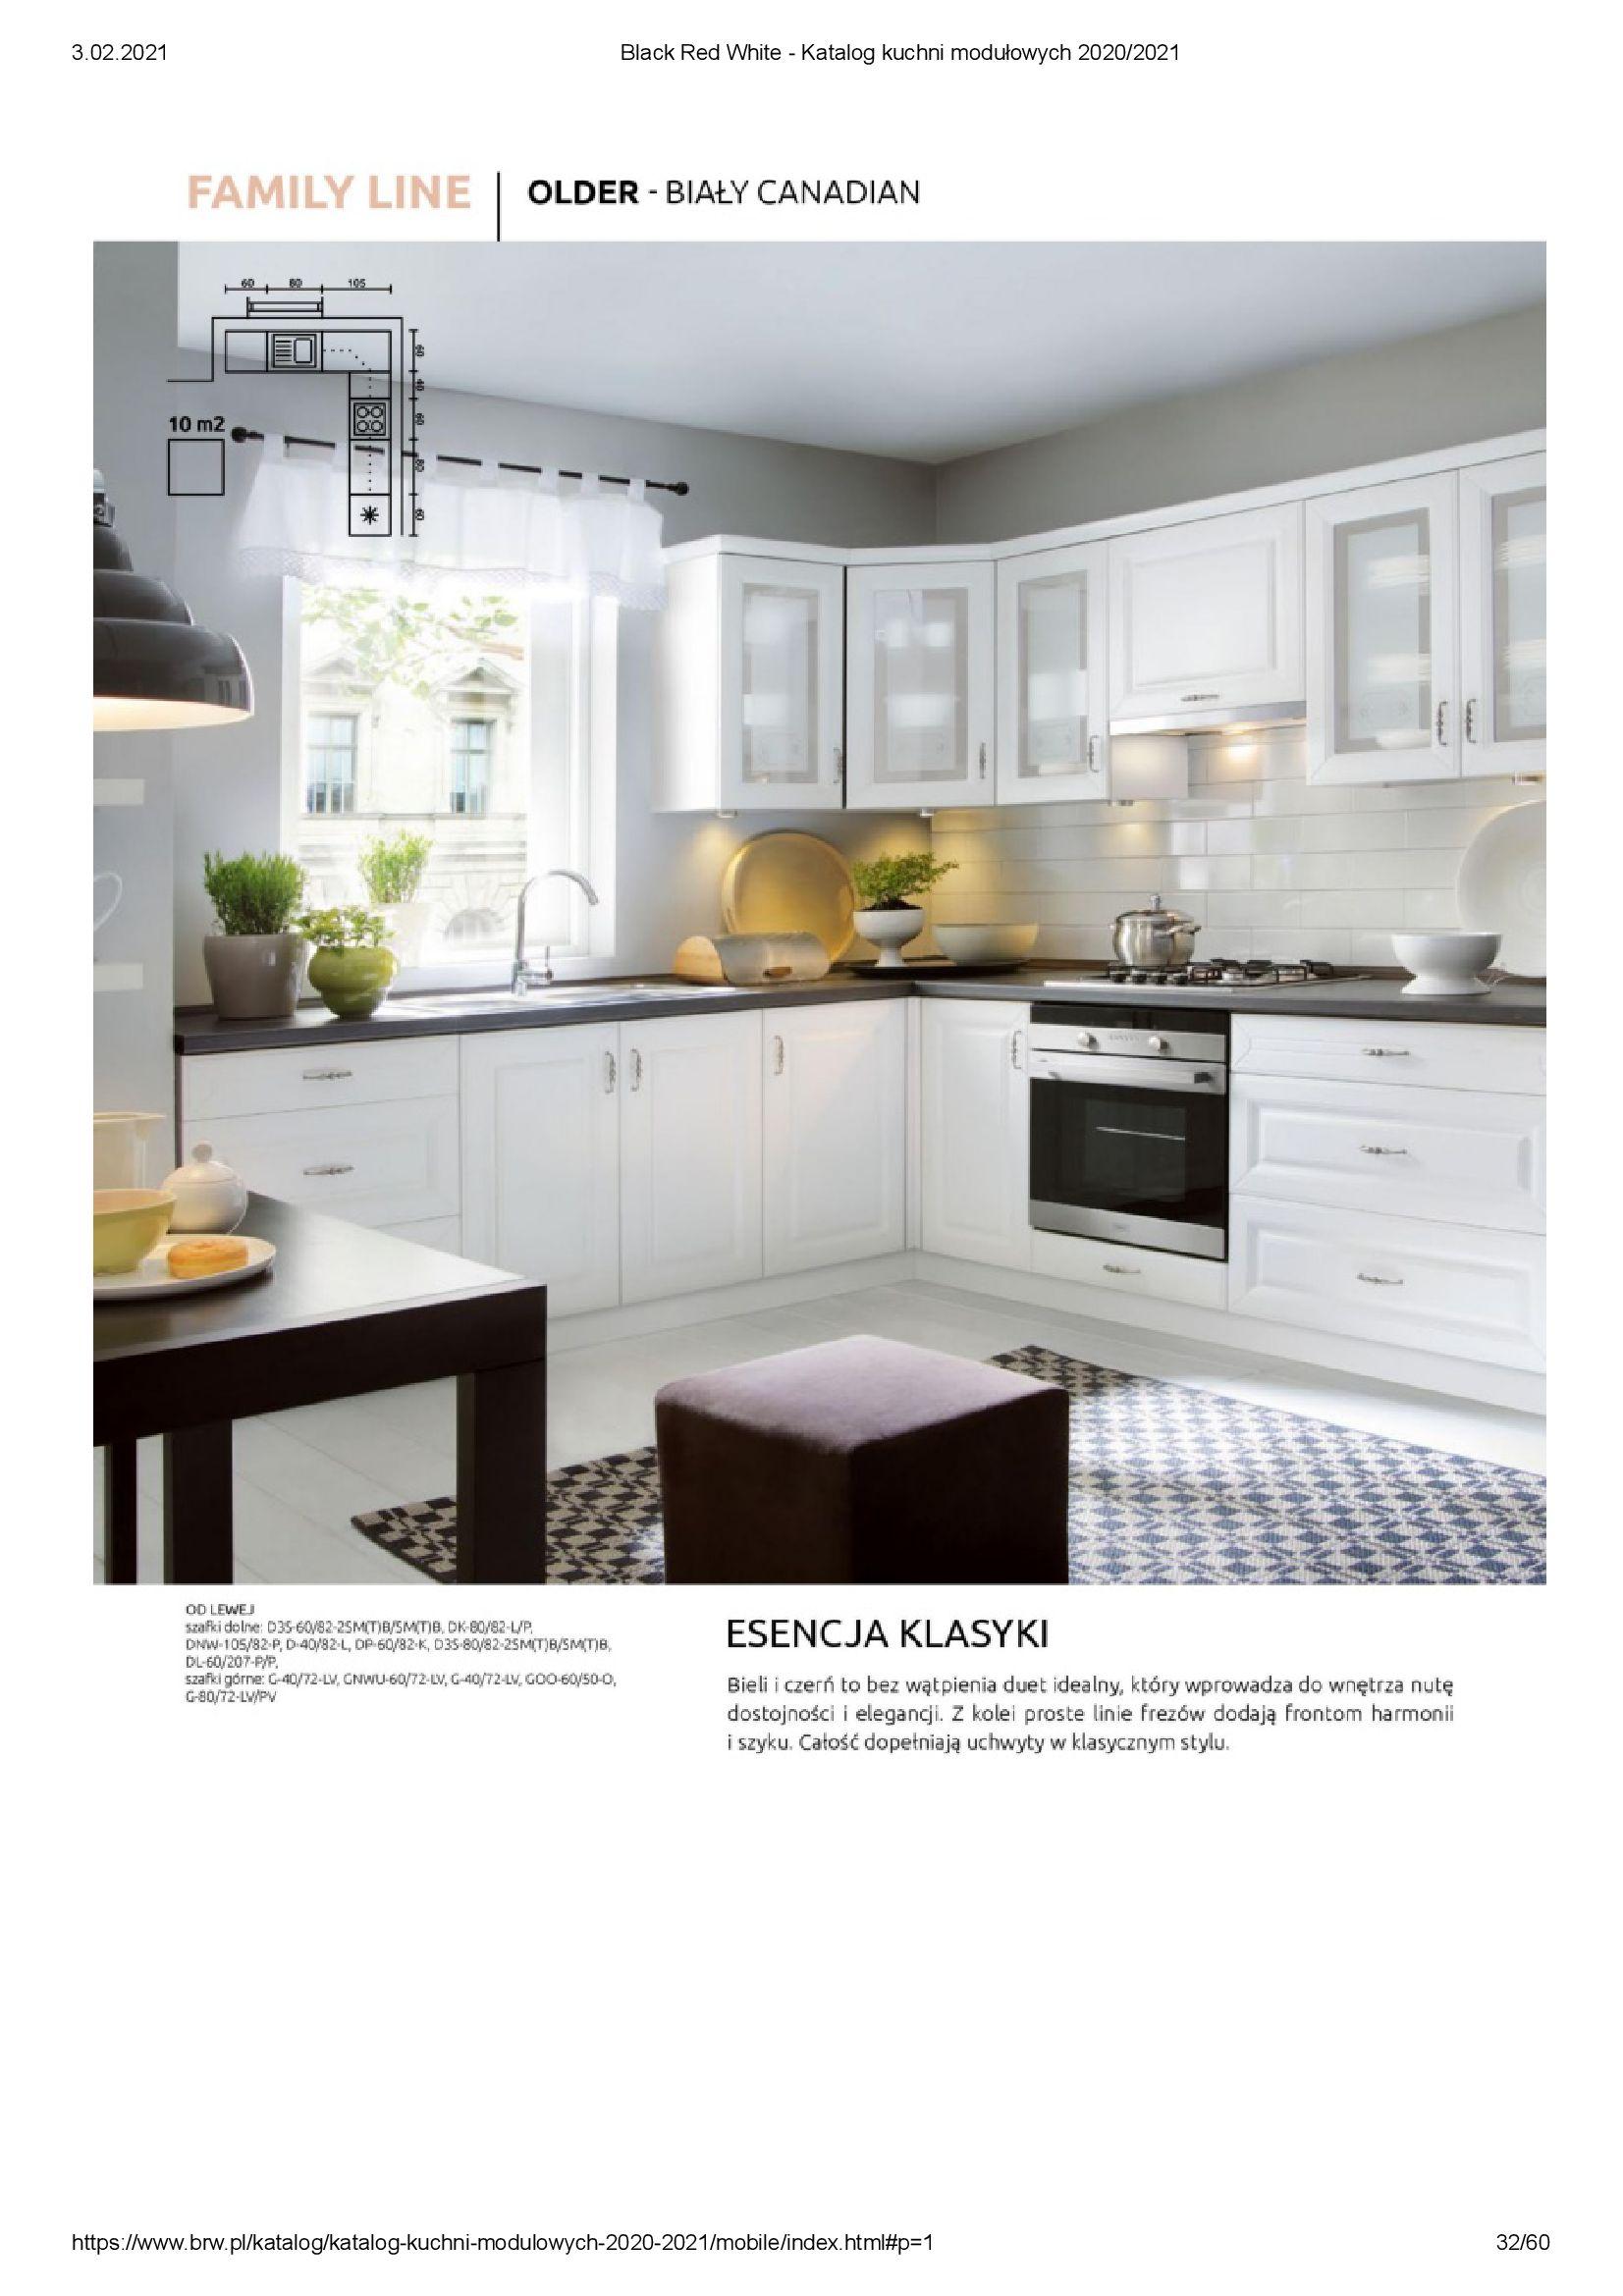 Gazetka Black Red White: Katalog - Kuchnie modułowe 2020/2021 2021-01-01 page-32